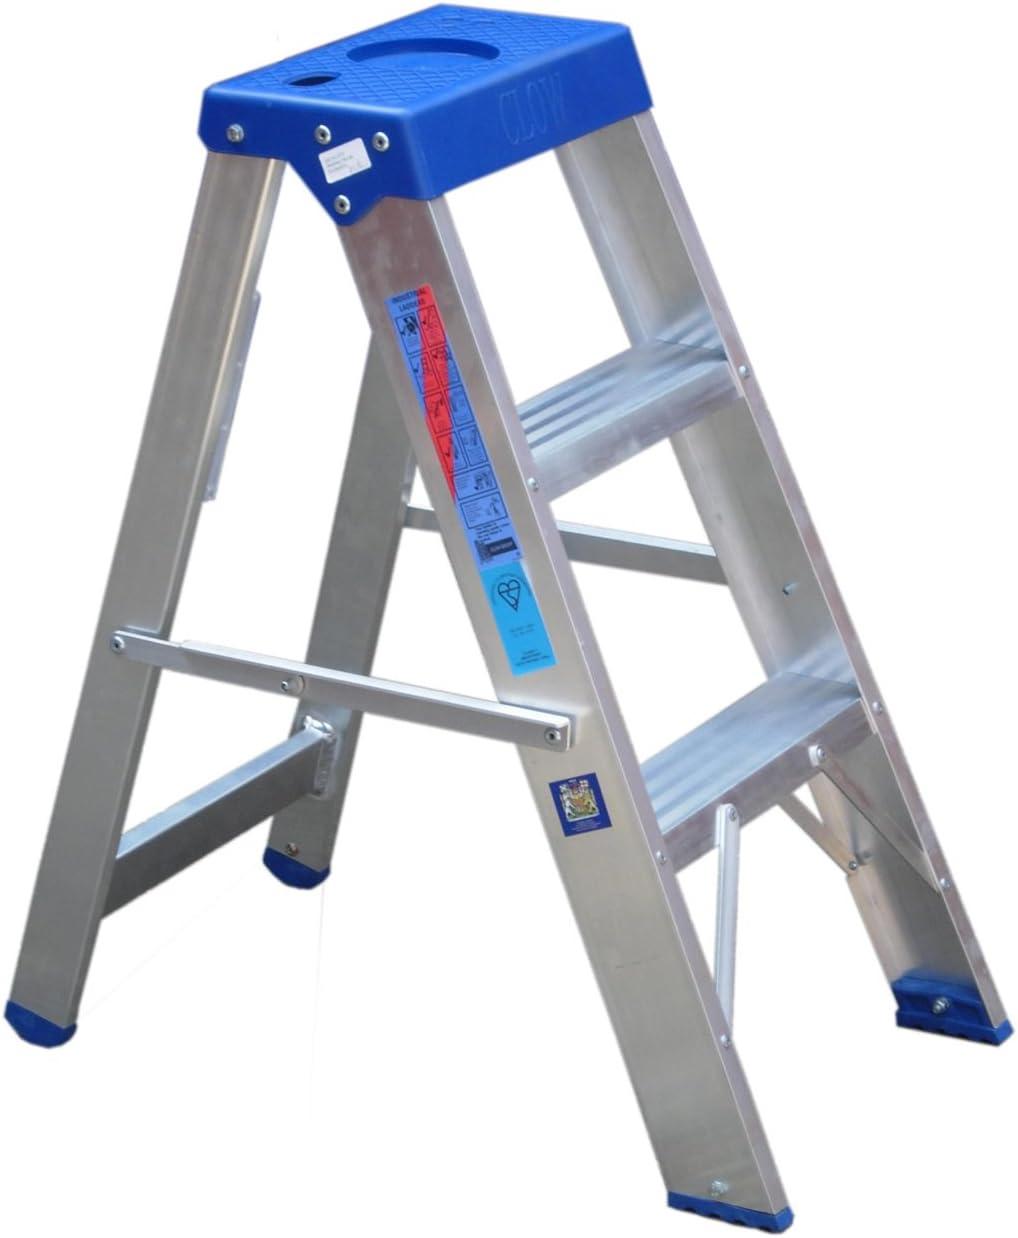 Clow escalera aluminio Industrial 175 kg 3 33 peldaños a BS2037 clase 1: Amazon.es: Bricolaje y herramientas